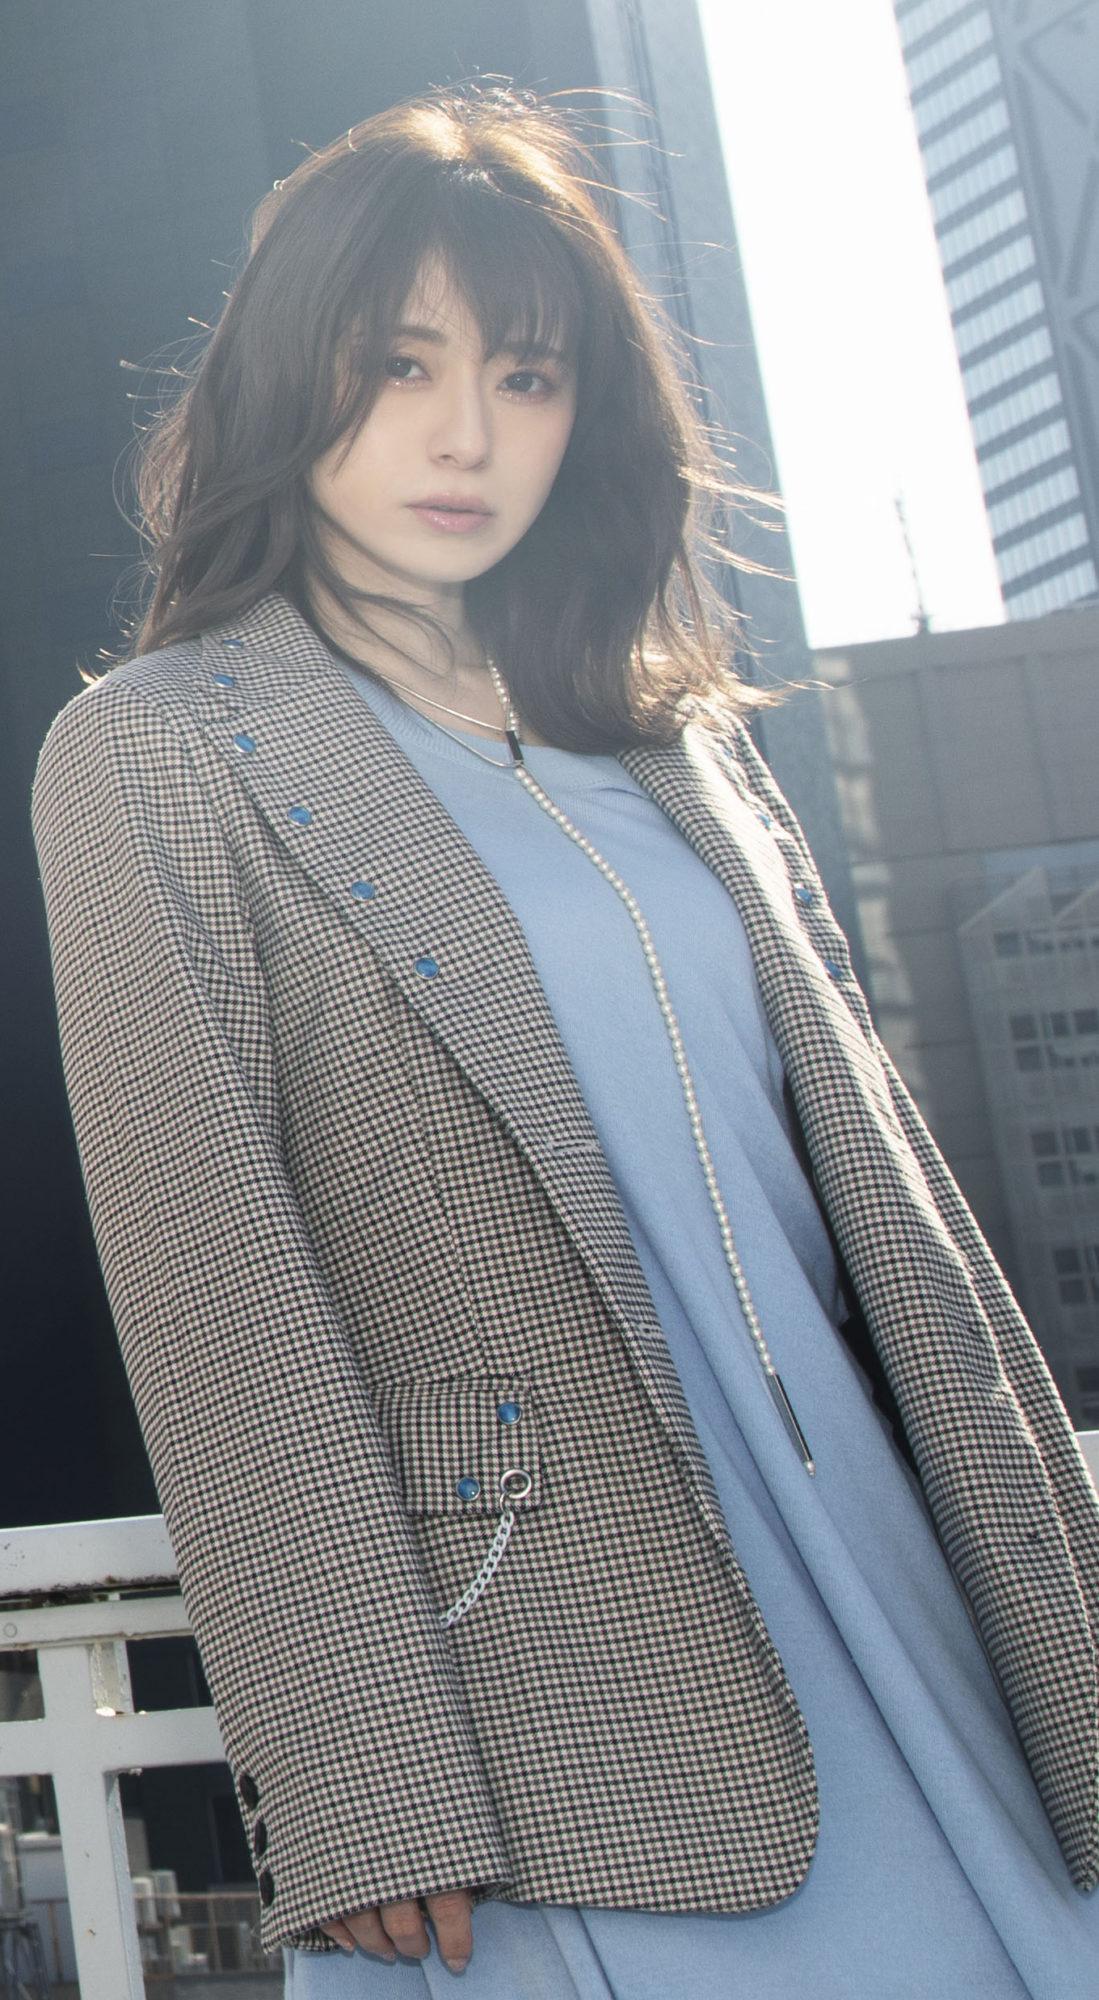 SILENT SIREN 黒坂優香子(Key.ゆかるん)が独自のオリジナルファッションブランド立ち上げ